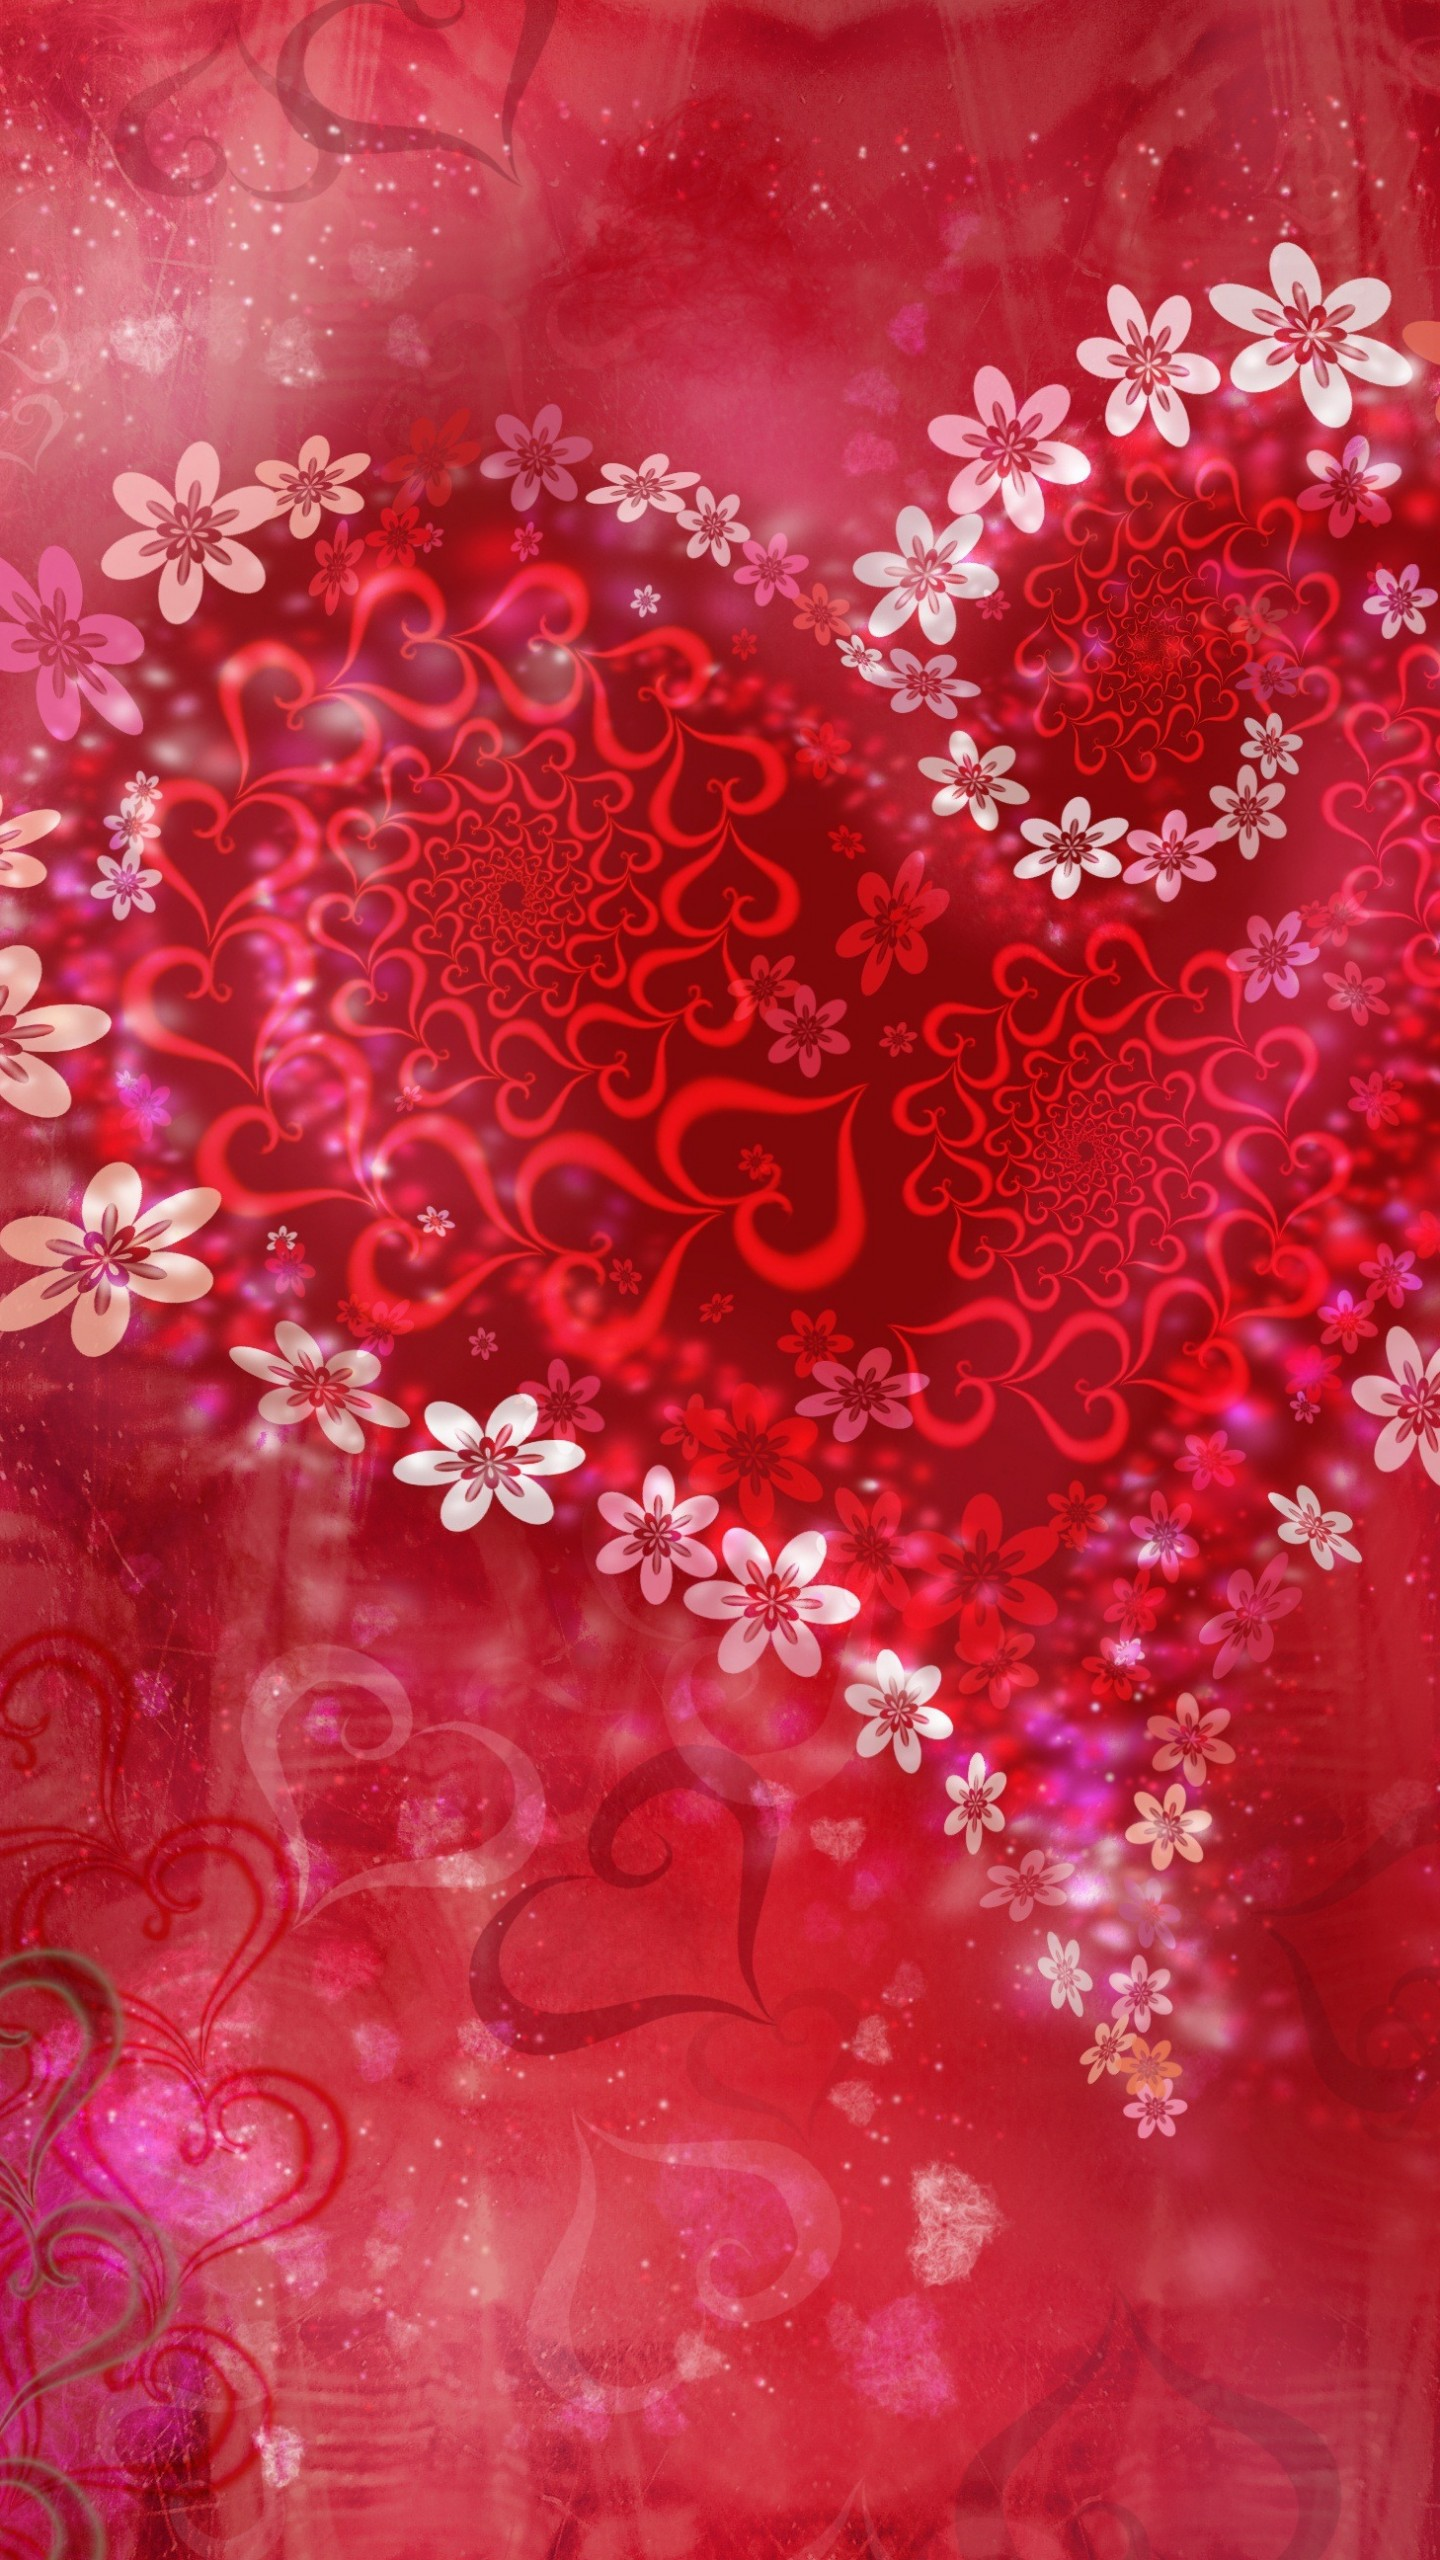 عکس زمینه قلب های قرمز و گل های سفید پس زمینه